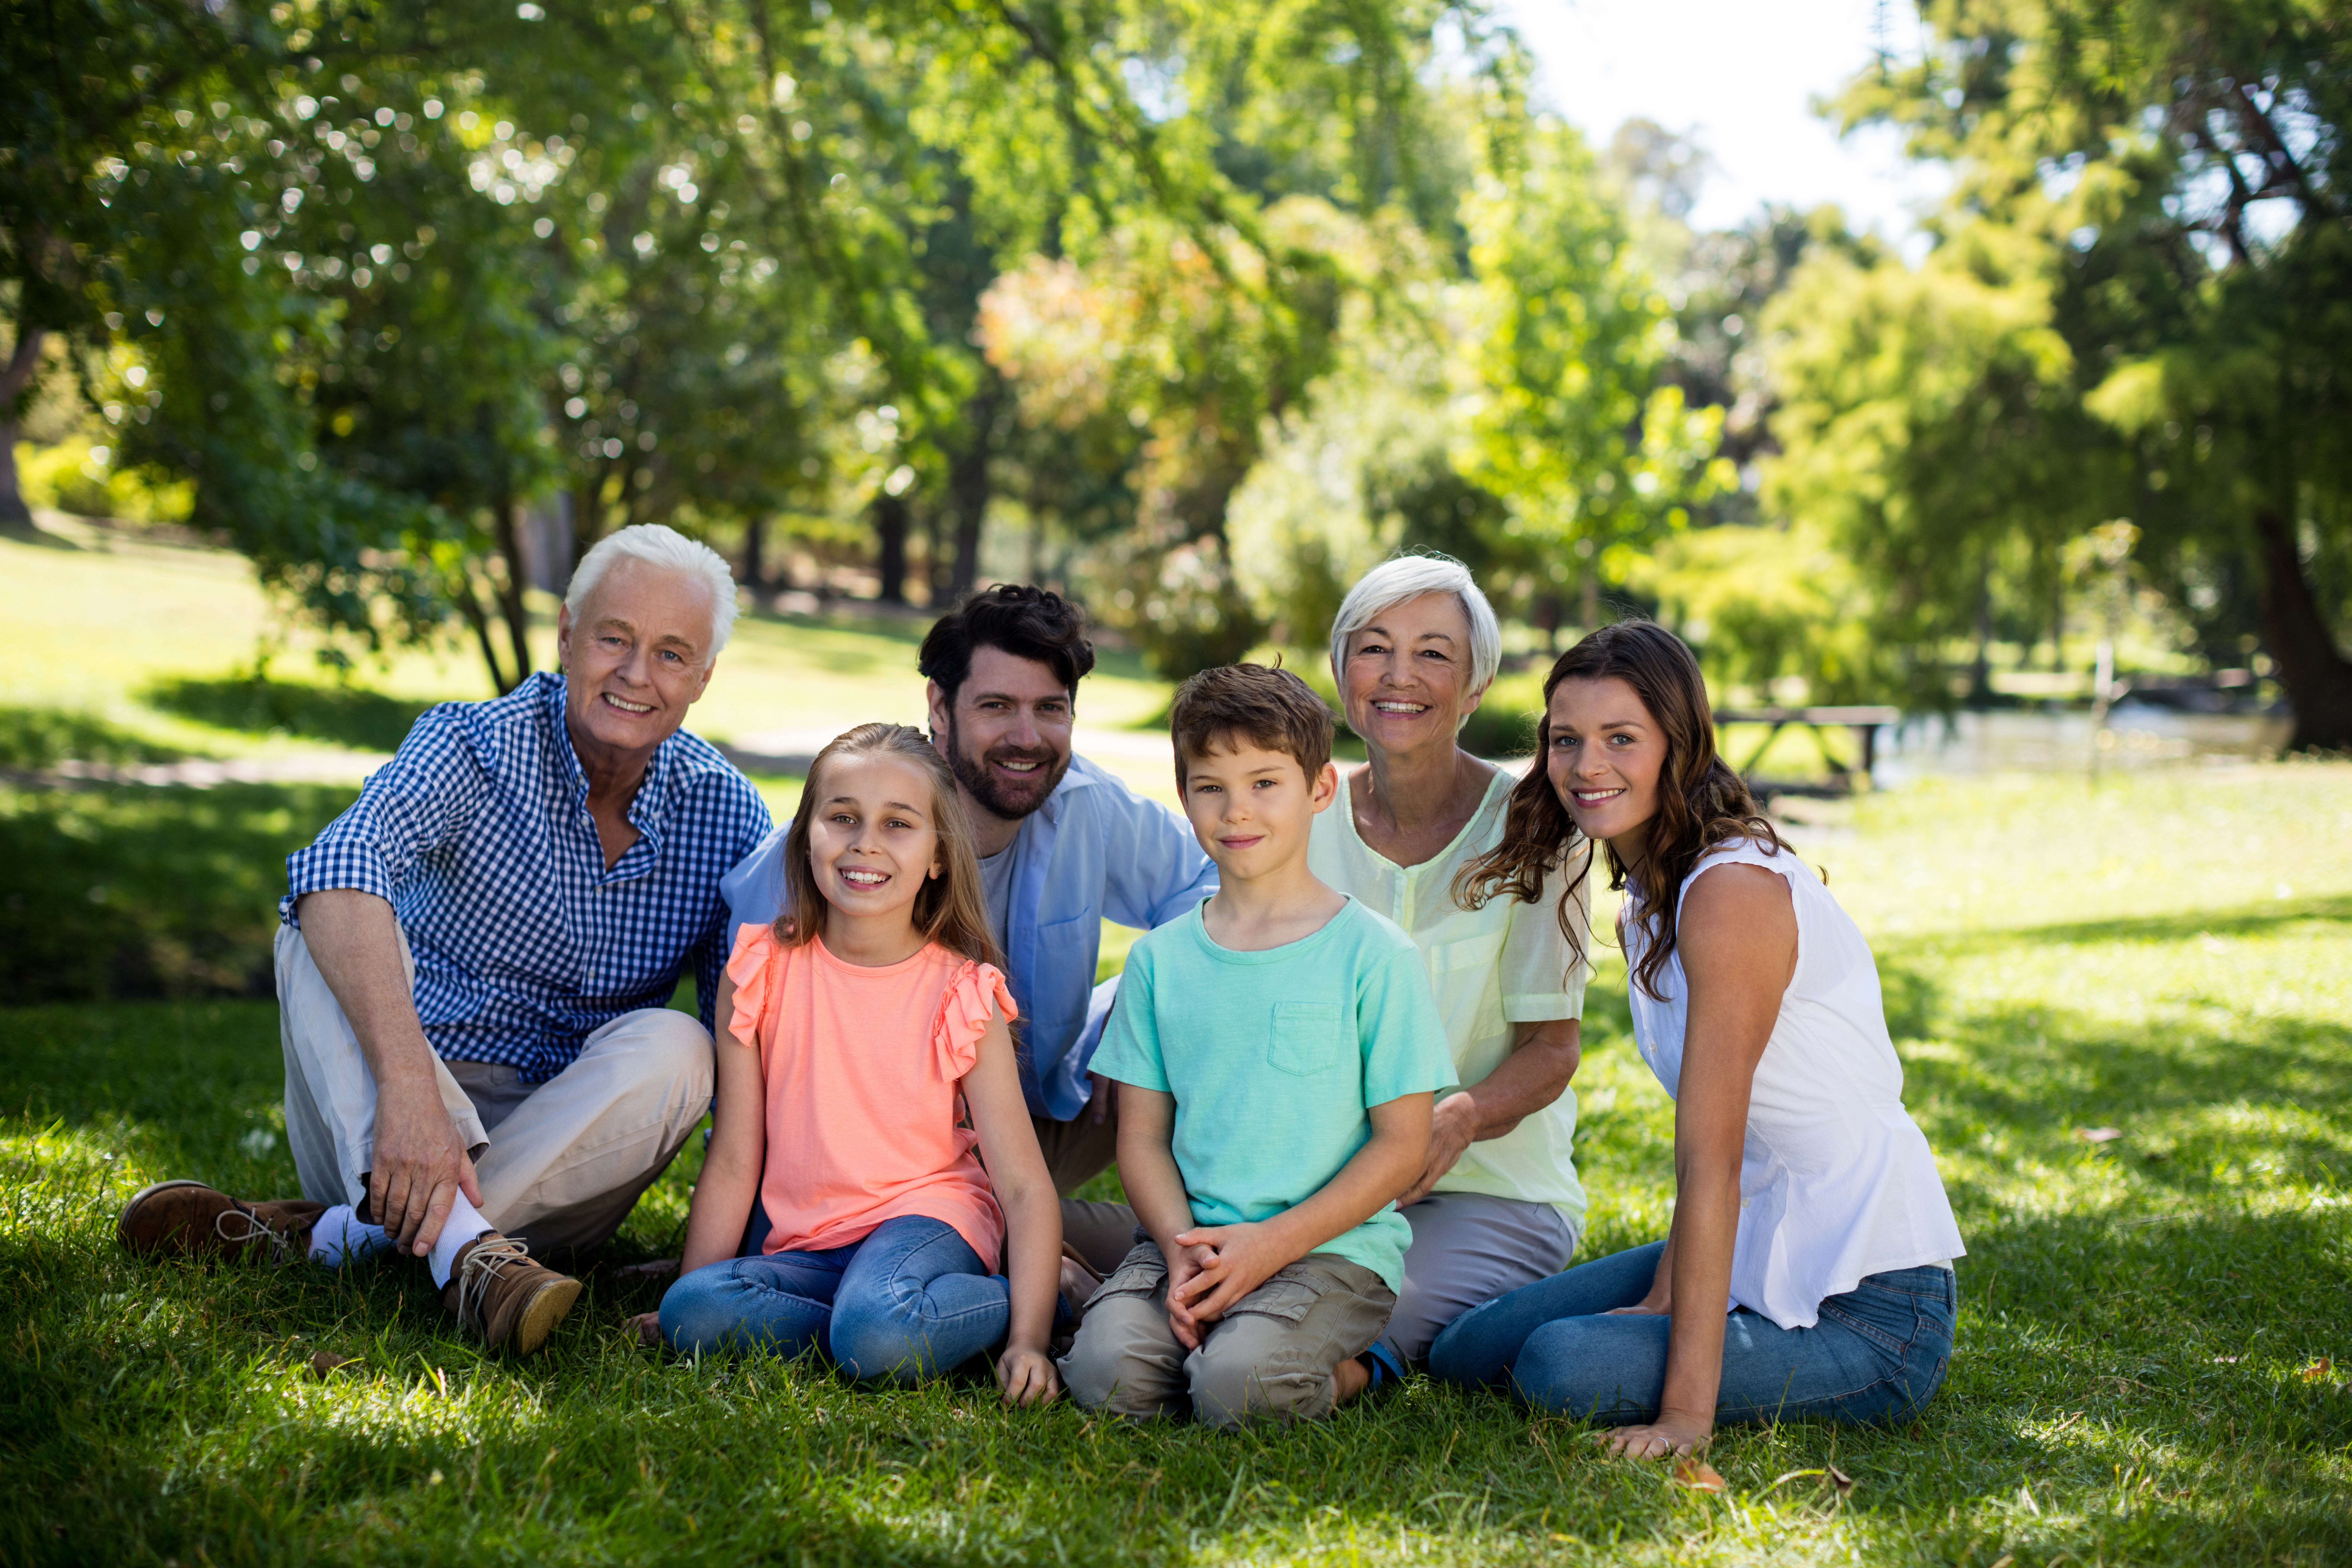 Воссоединение семьи как способ получить ВНЖ в Австрии